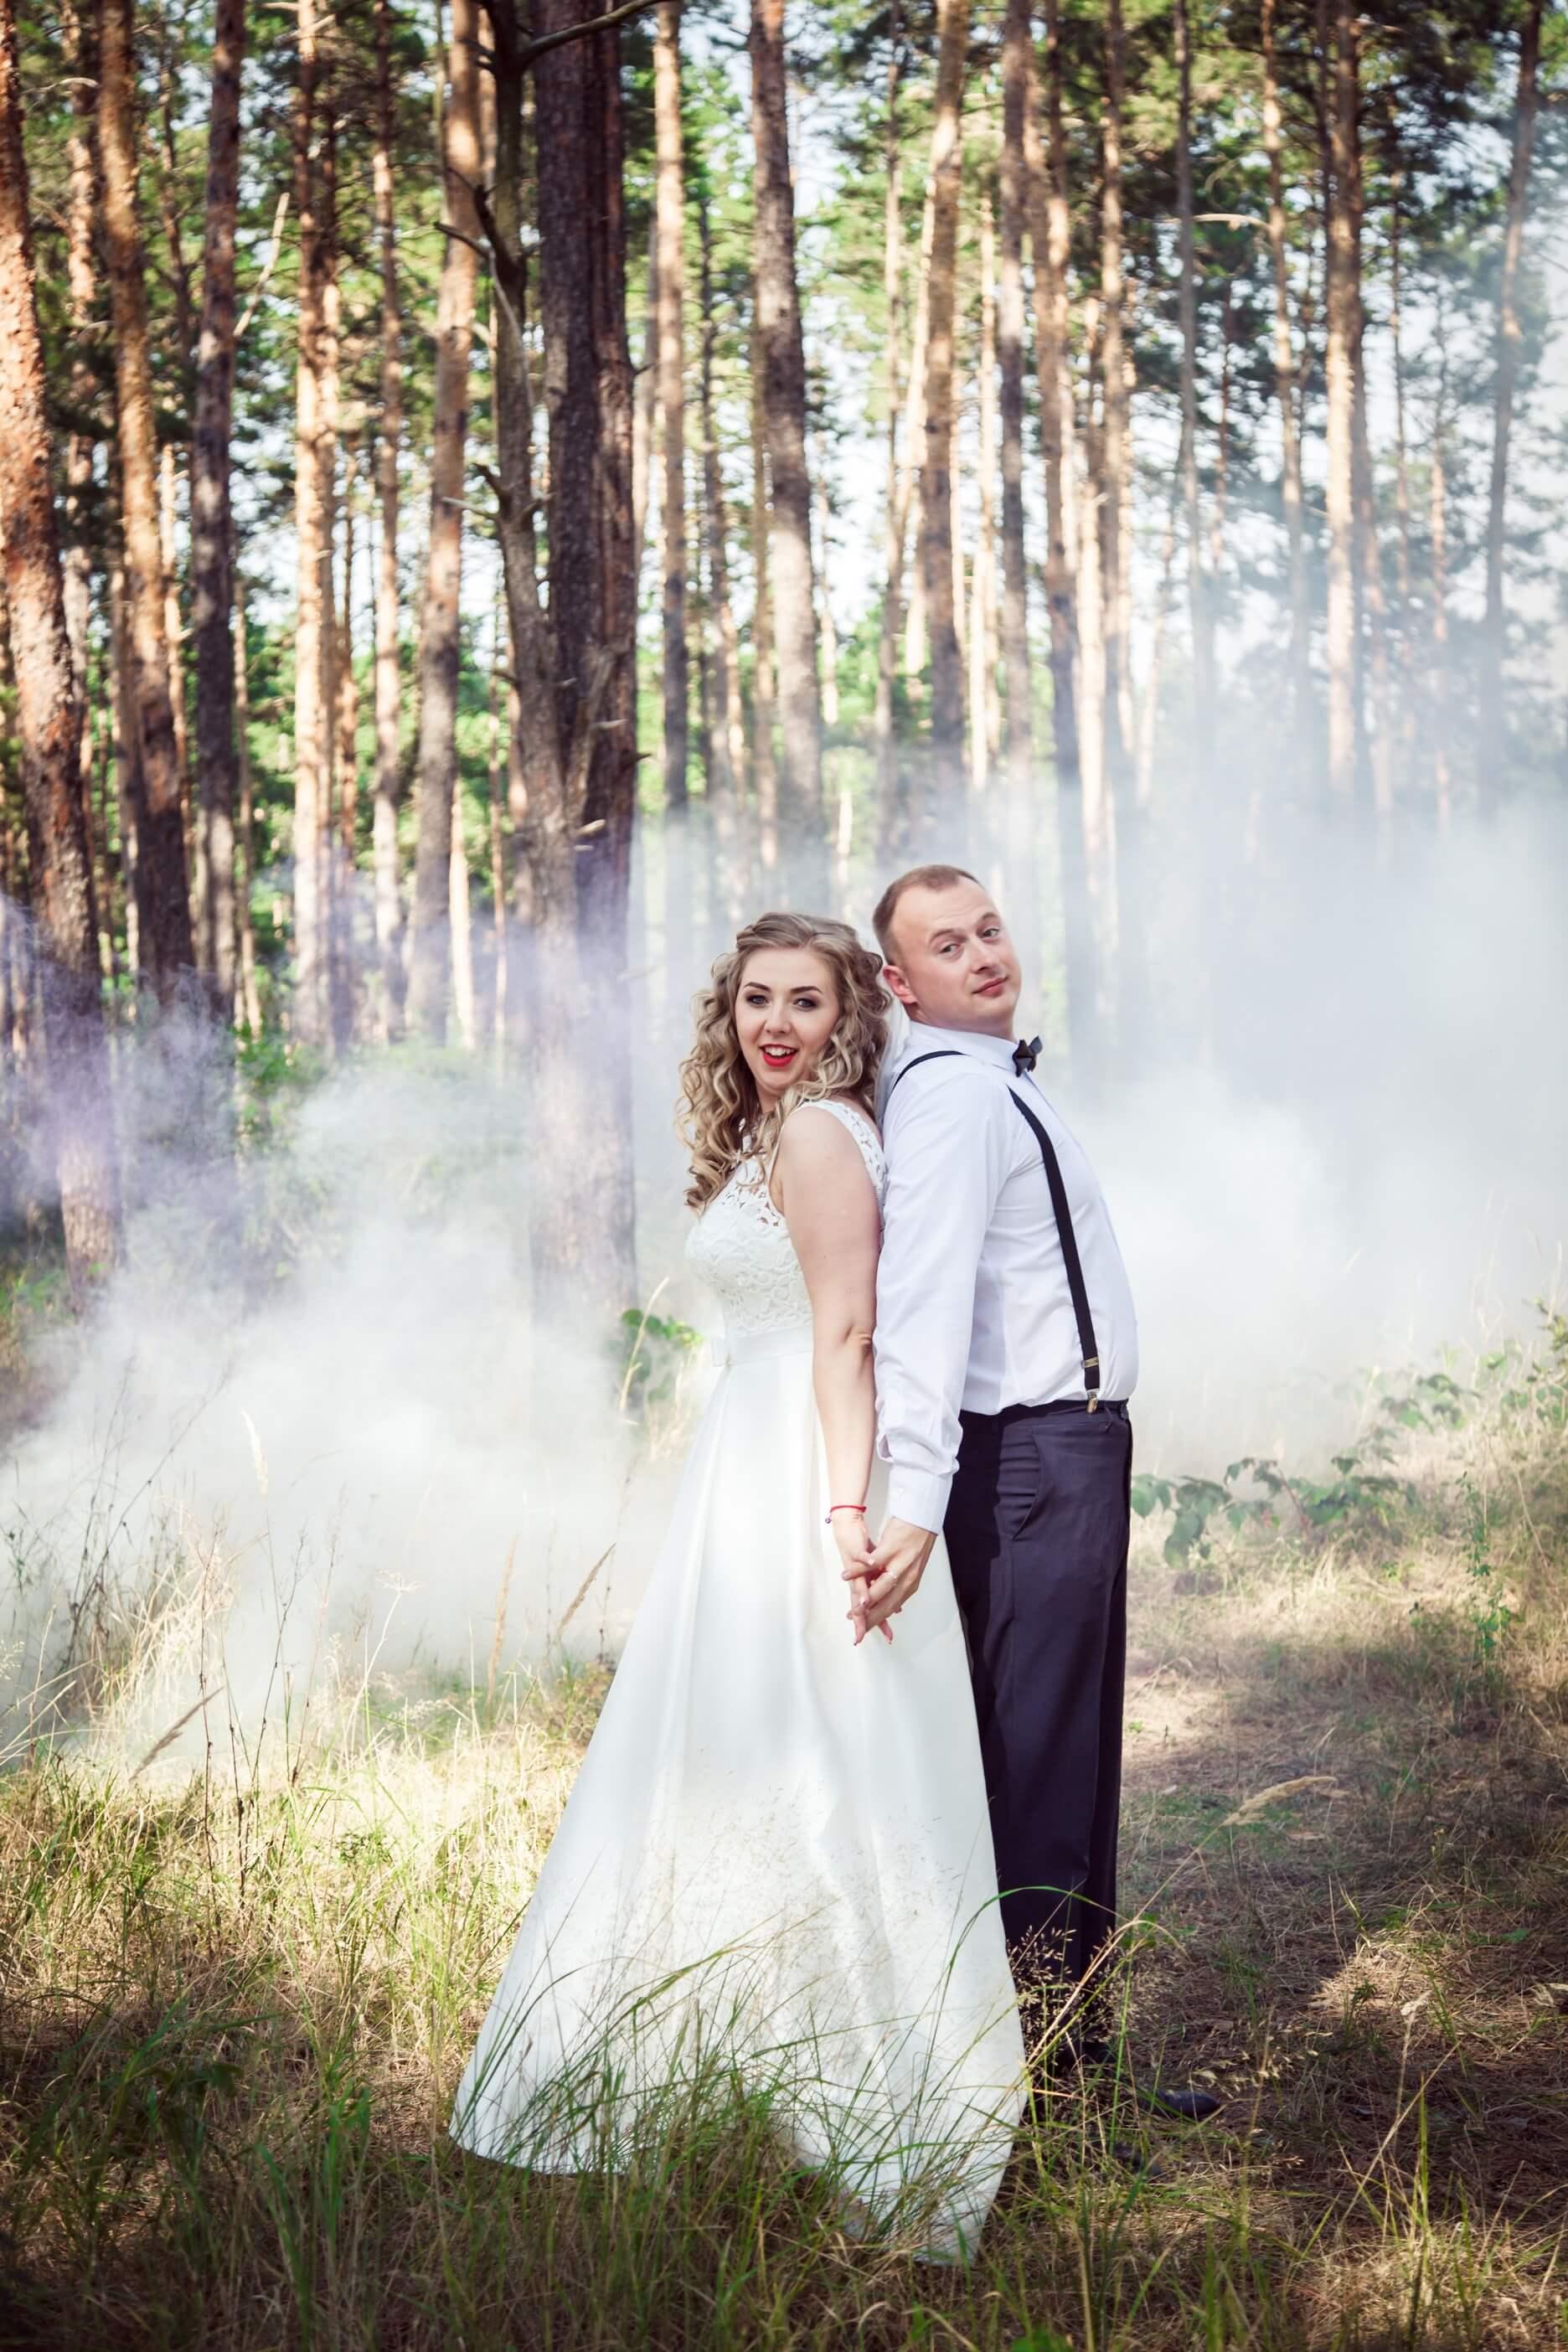 svadebnye foto s dymovymi shashkami fotosessija s dymovoj shashkoj (7)